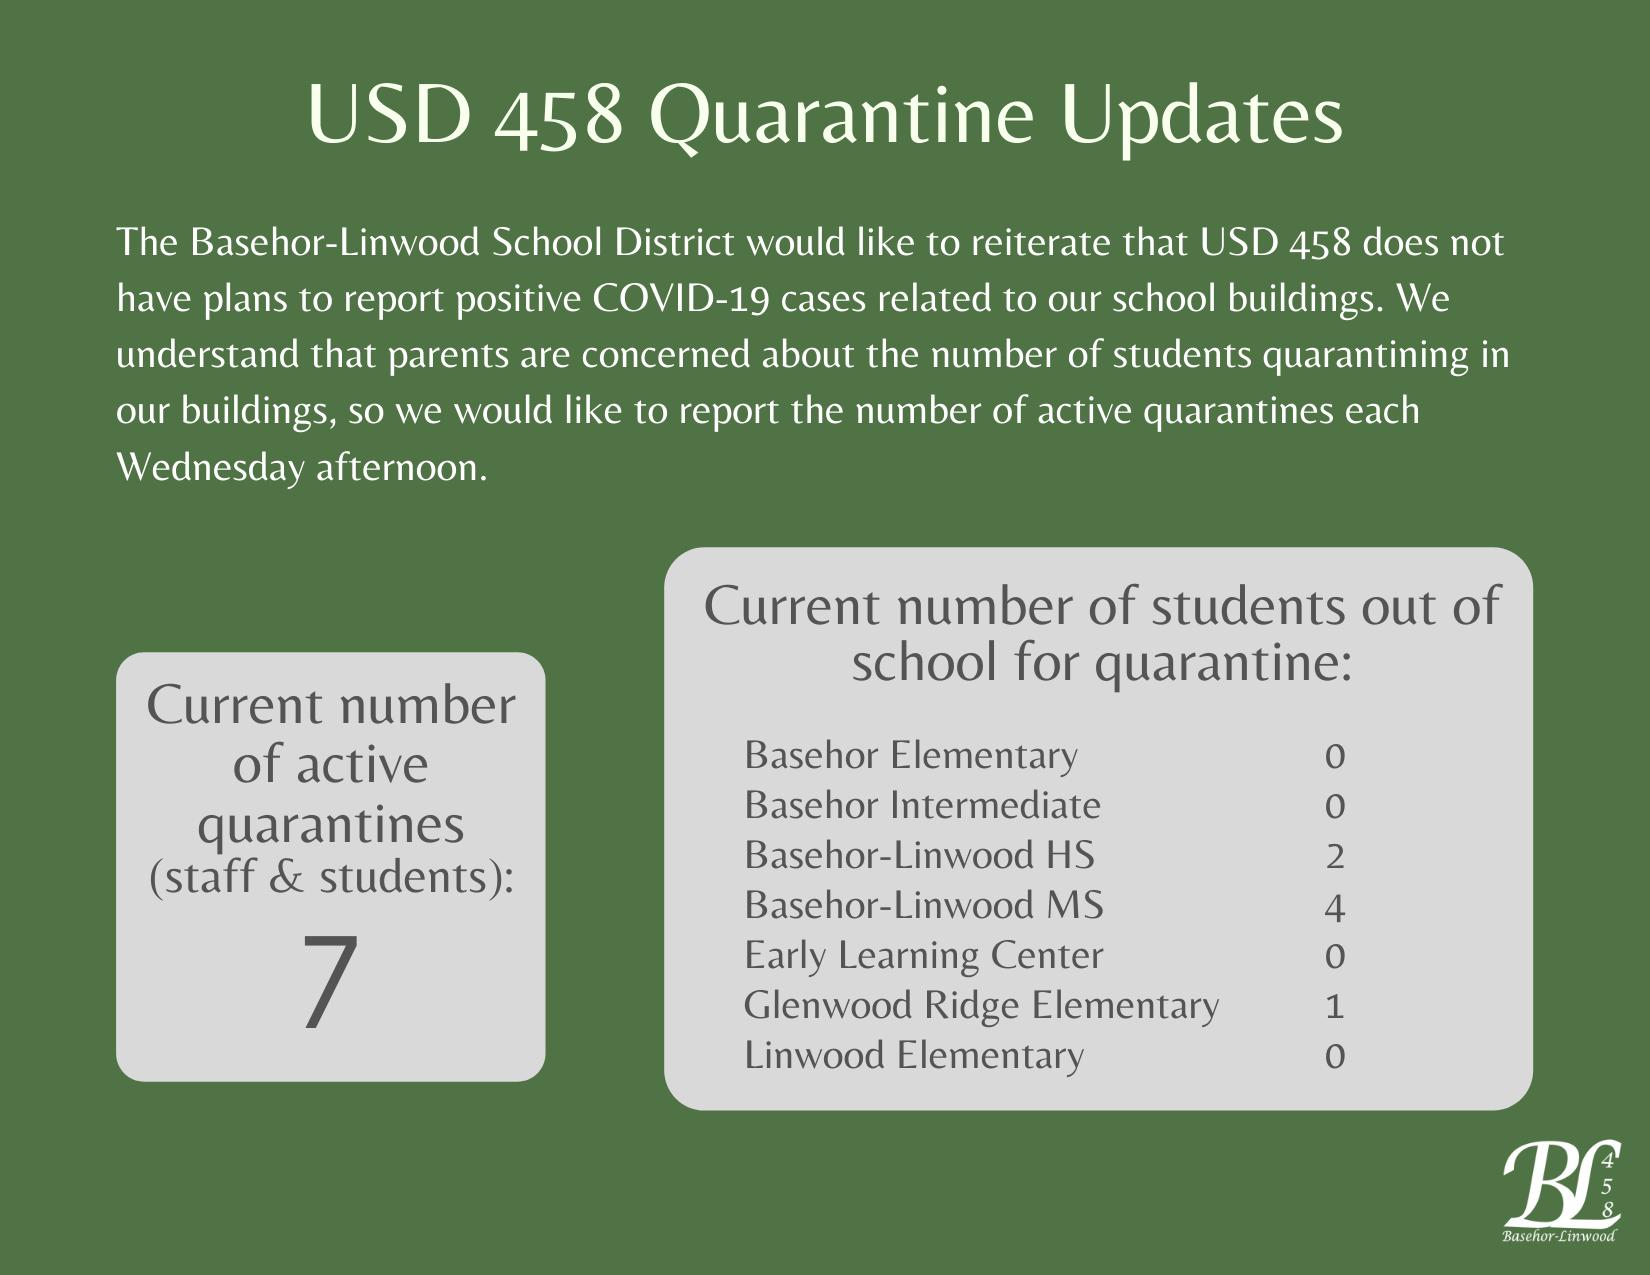 7 quarantines